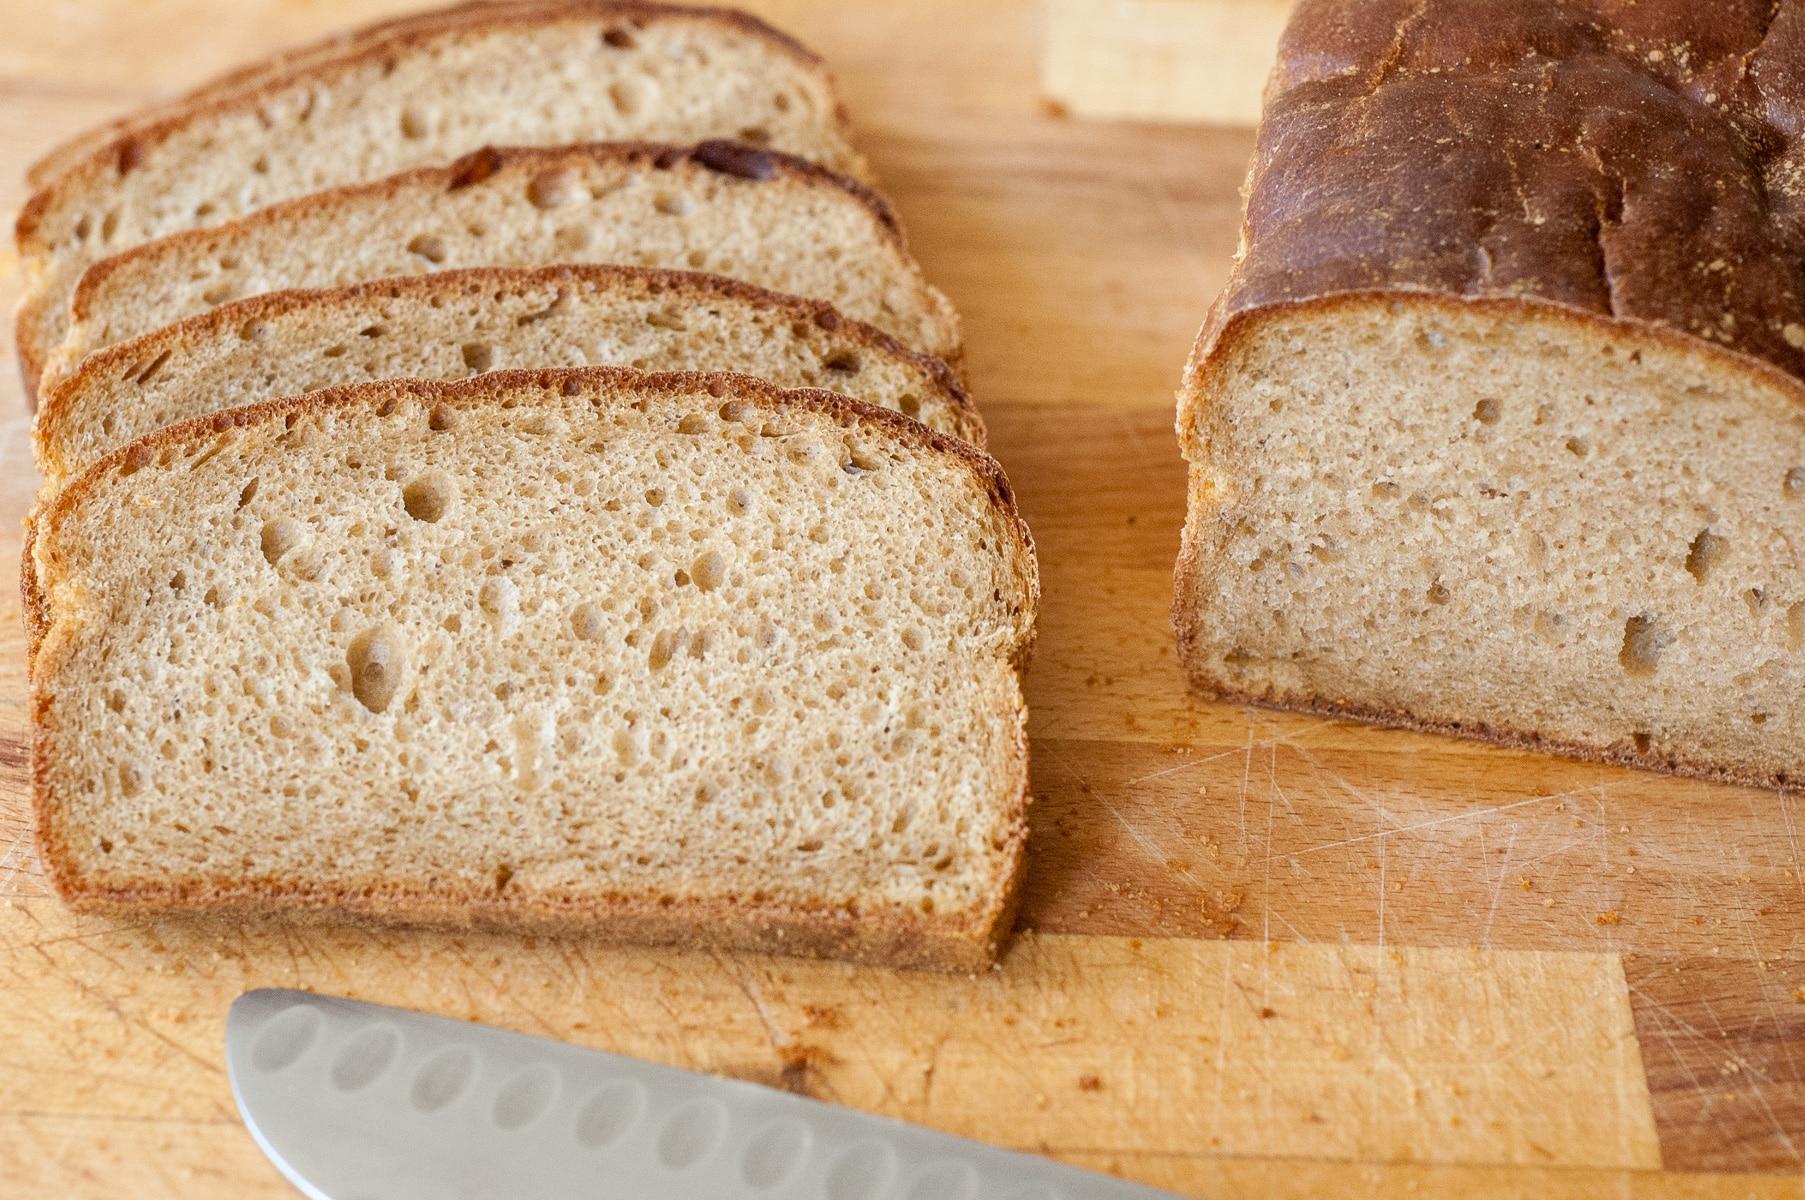 kromki chleba na desce